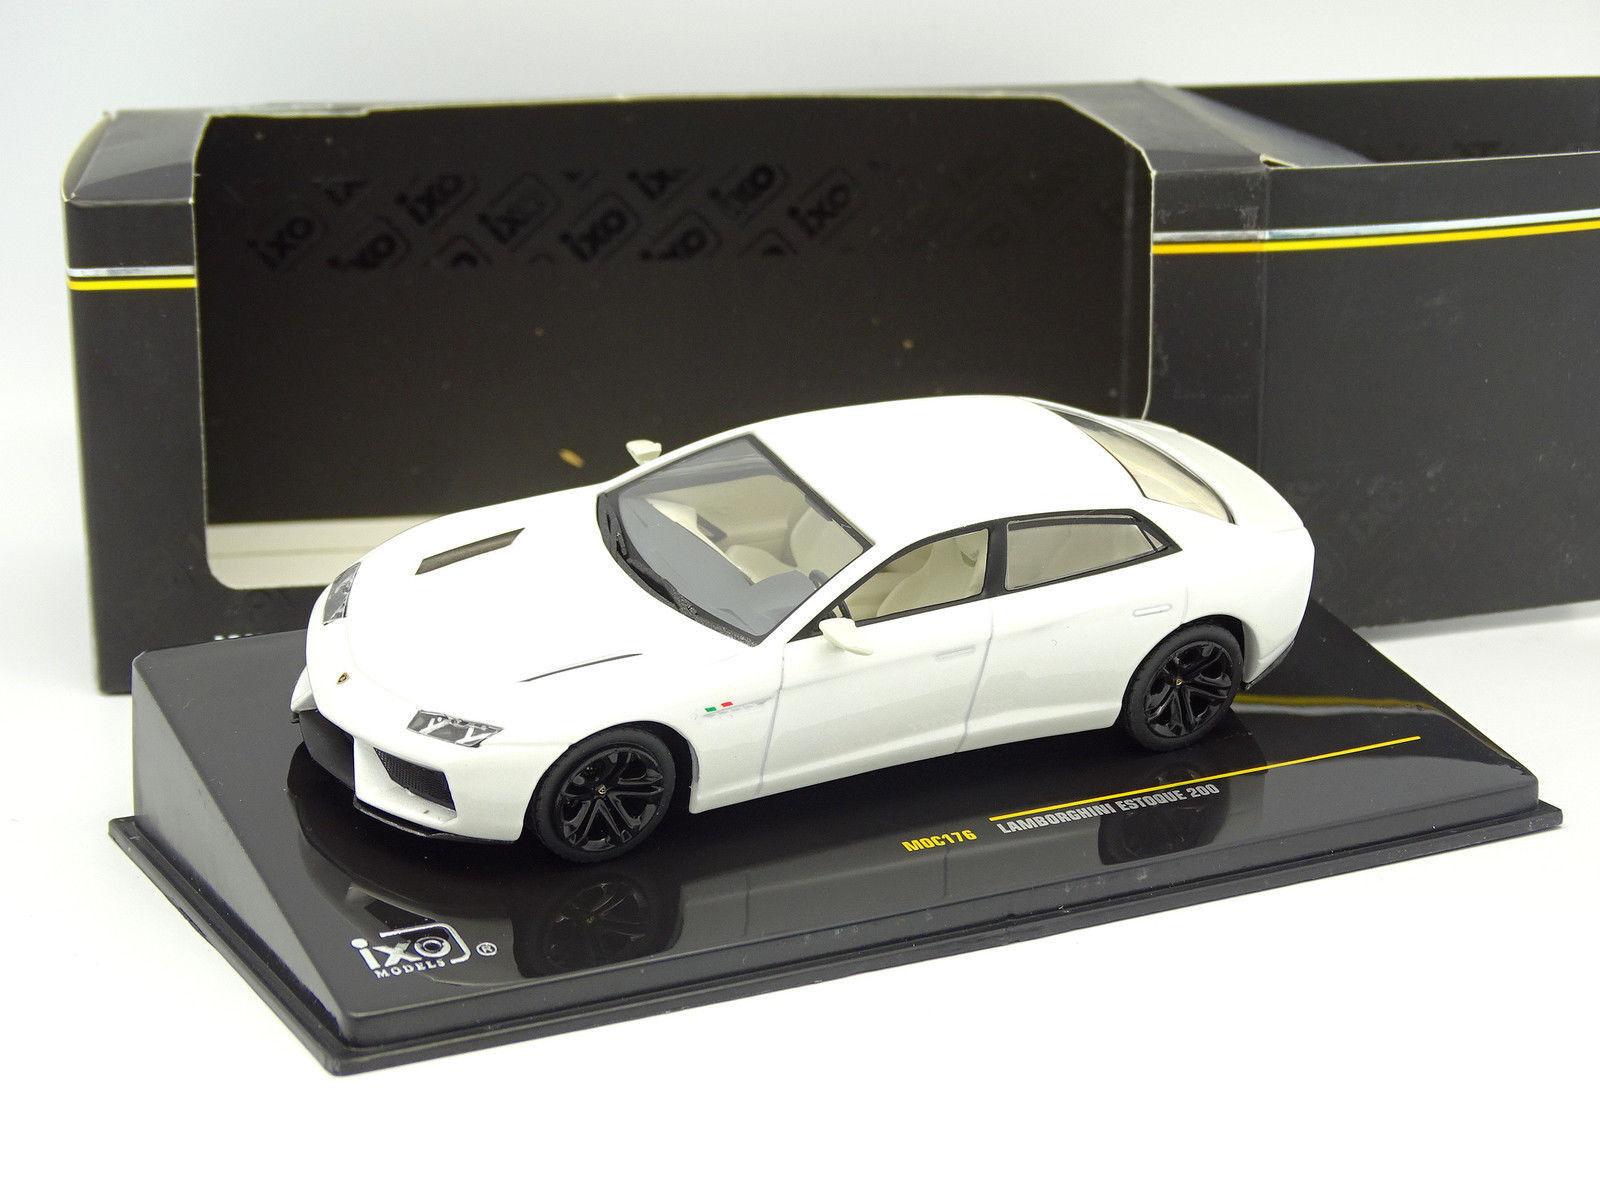 Ixo 1 43 - Lamborghini Estoque 200 blancoo